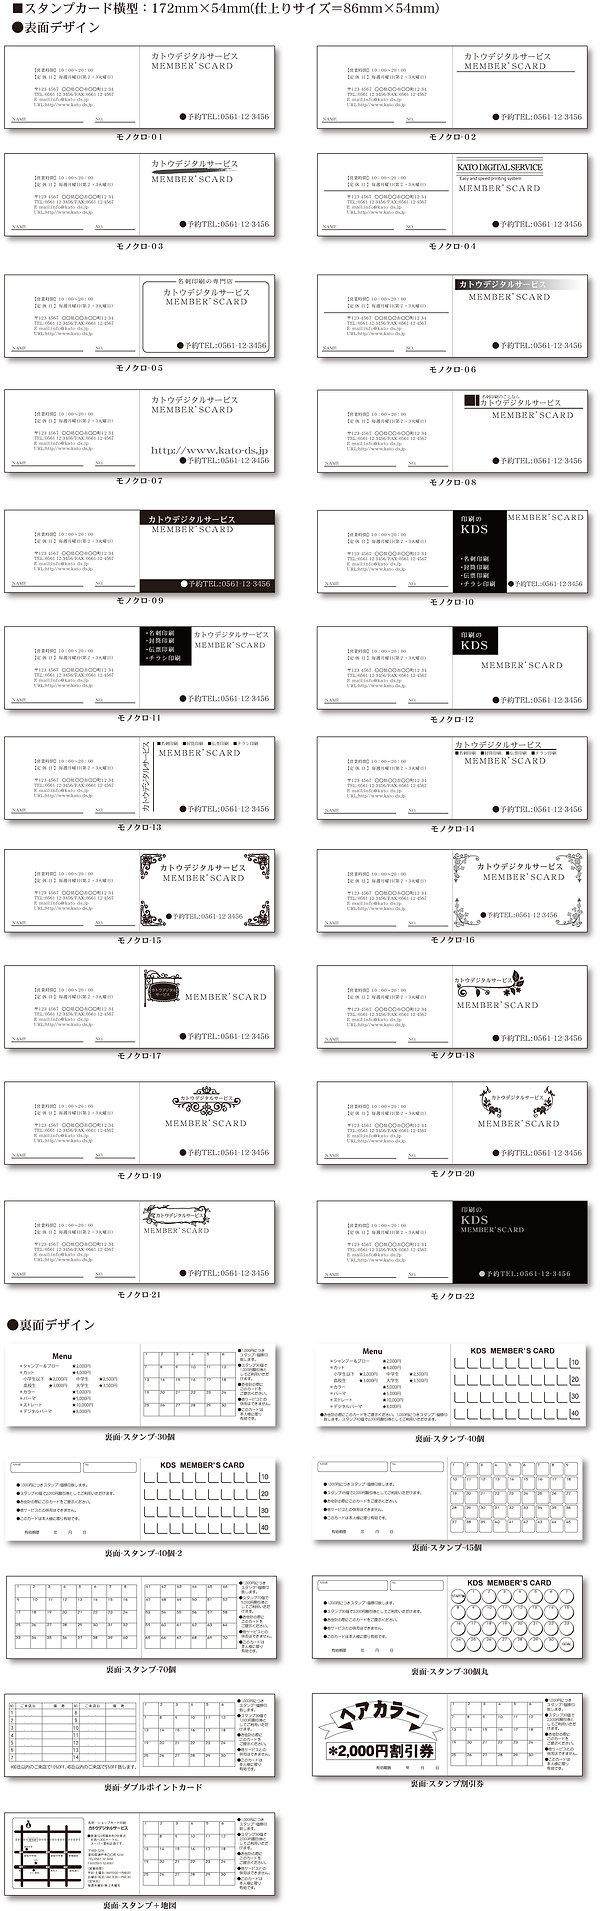 スタンプカード_モノクロ.jpg